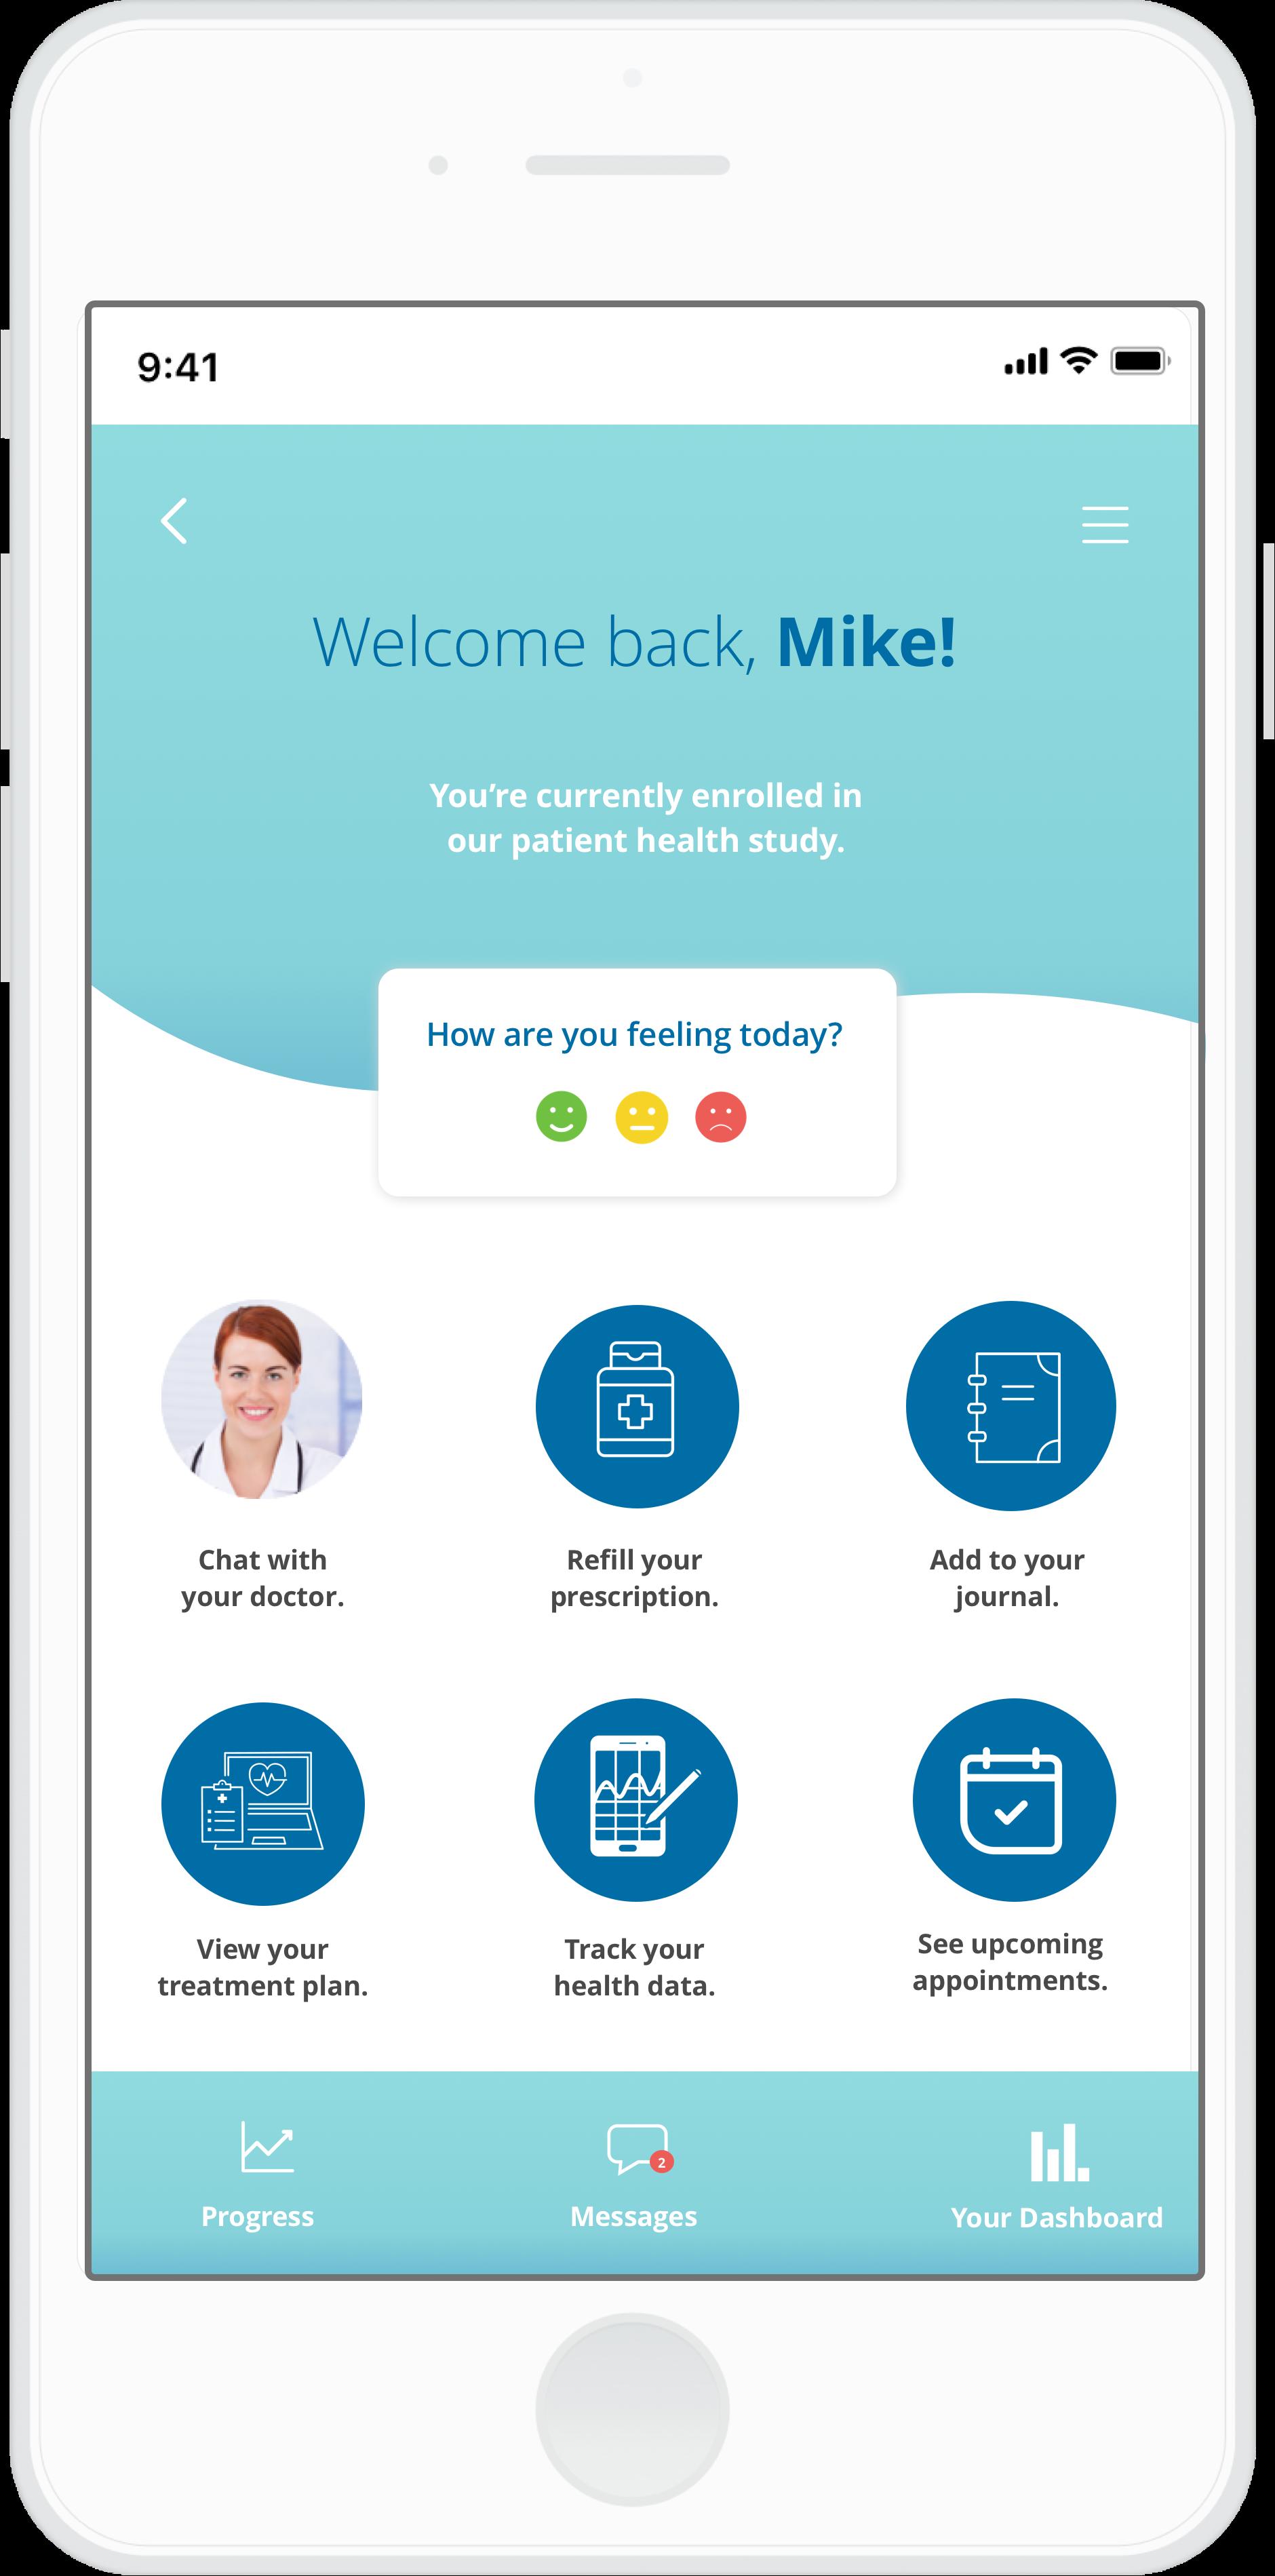 telehealth_app_clinical_trials